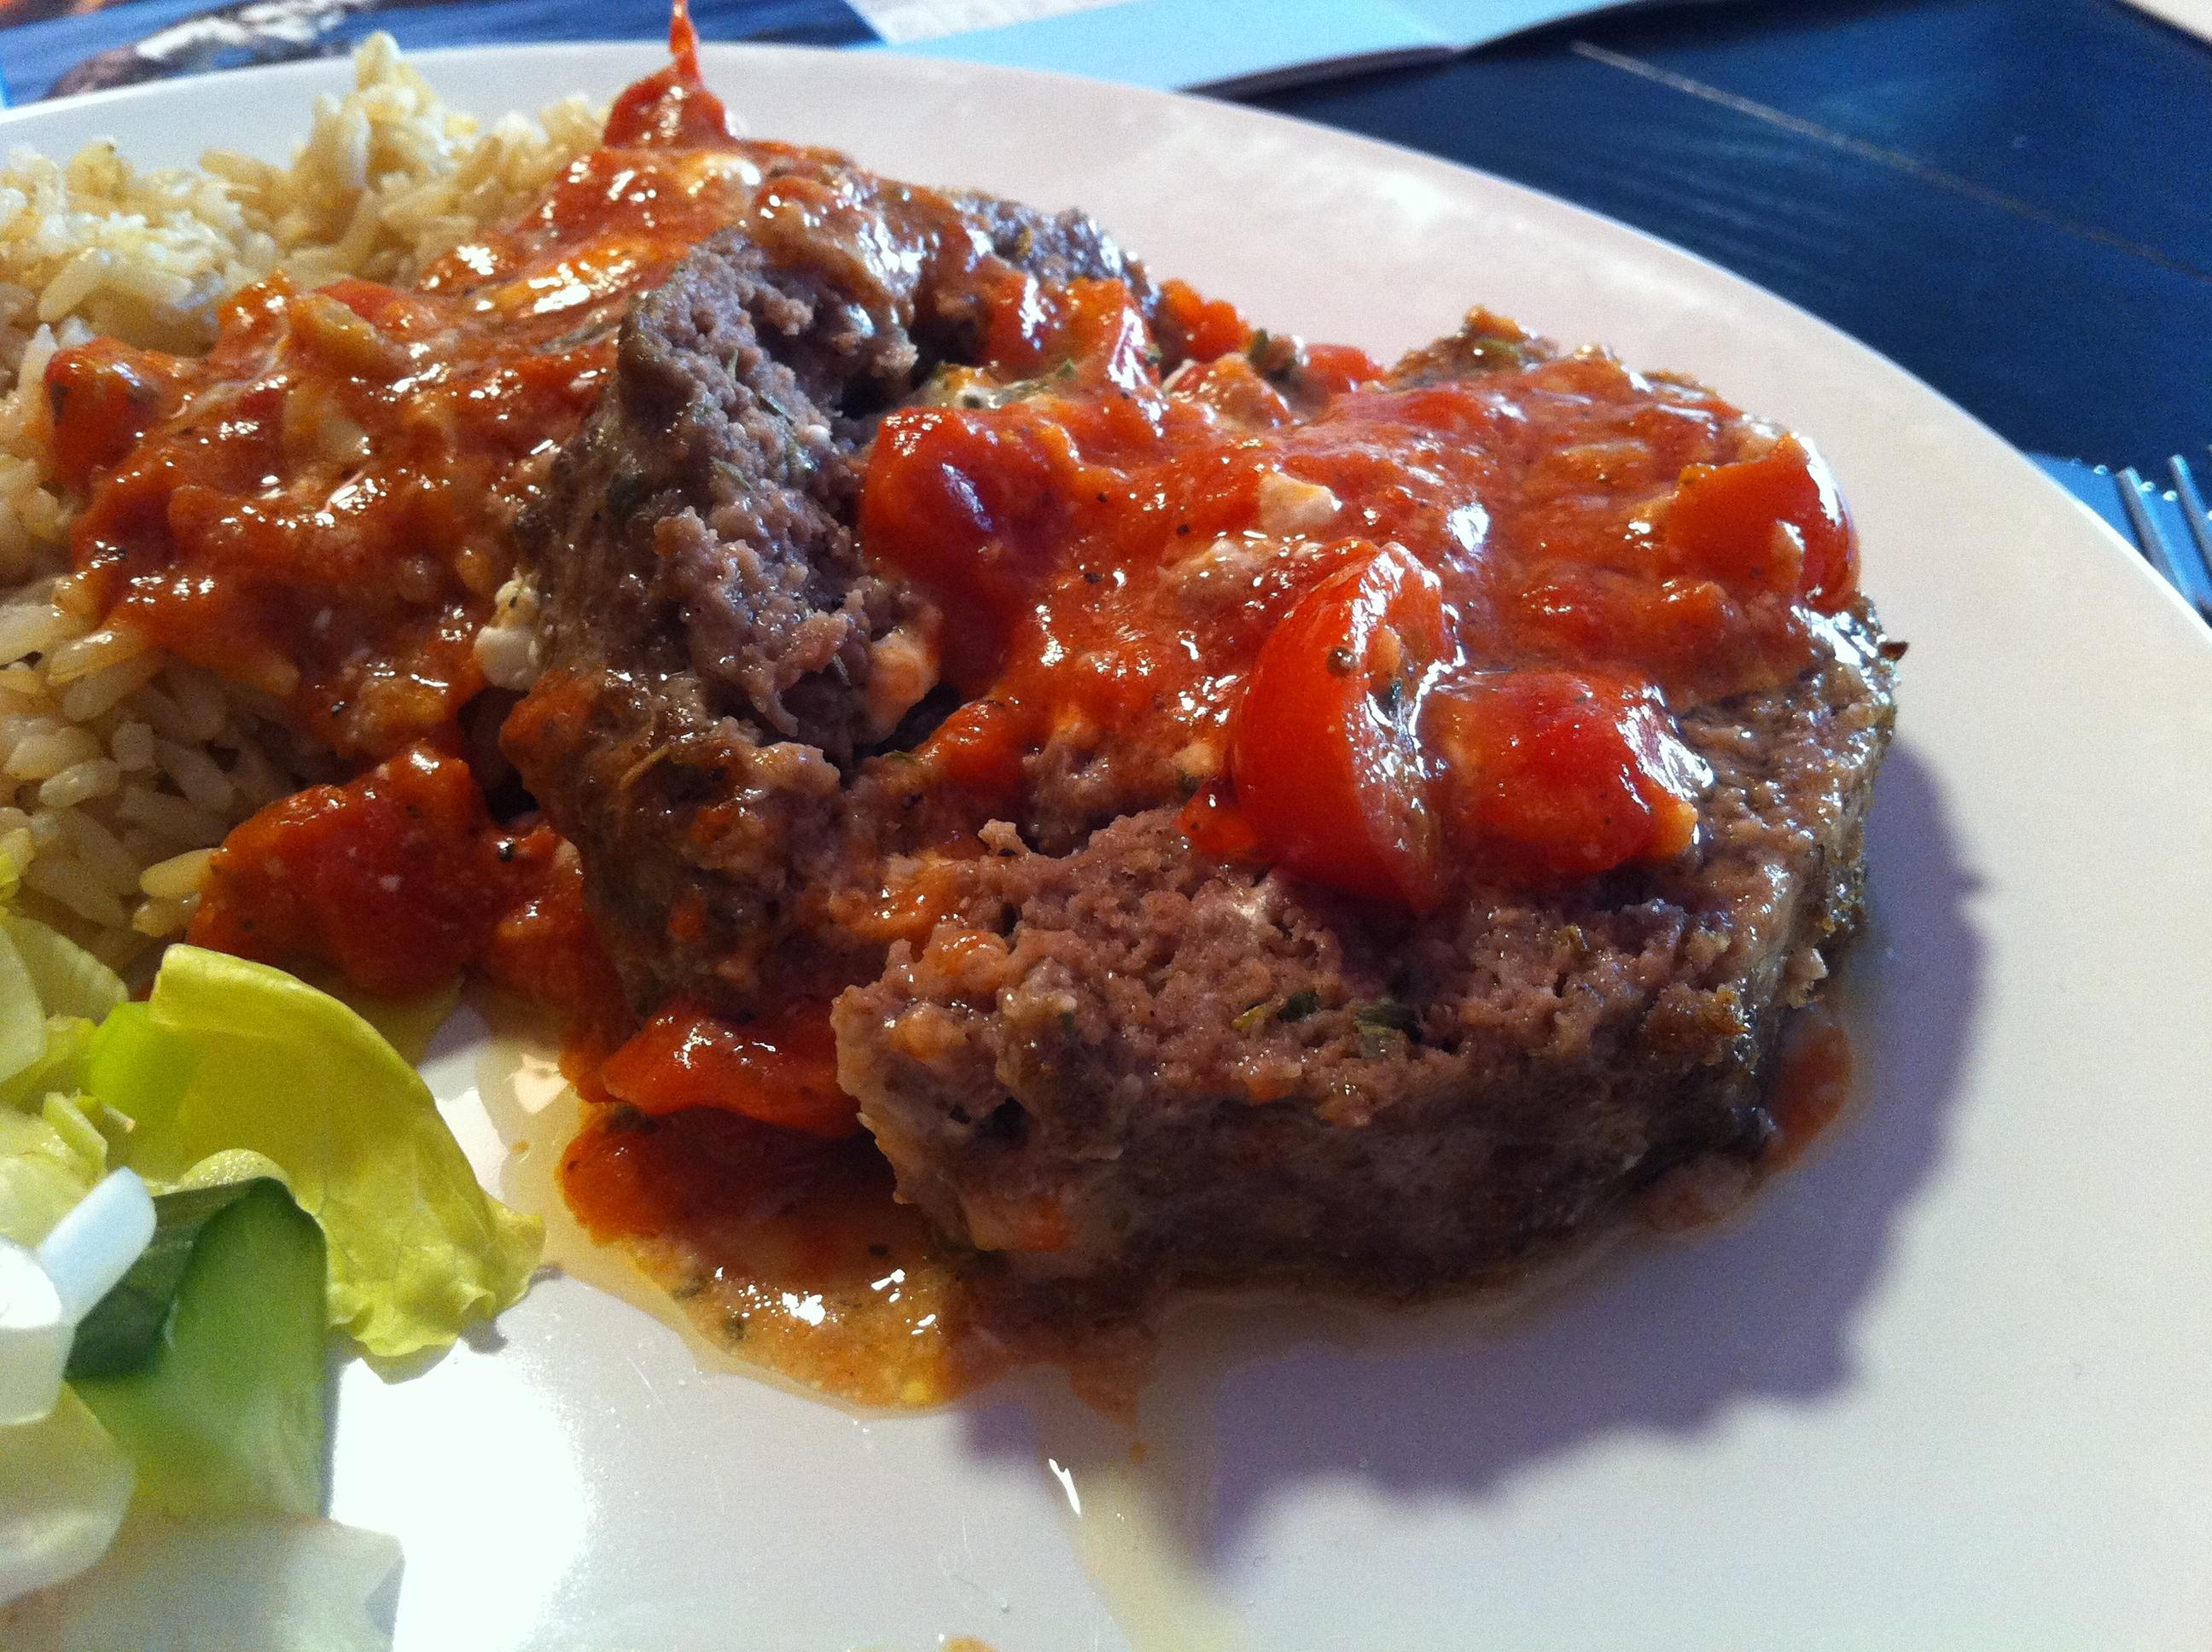 Köttfärslimpa med fetaost, tomat och persilja i tomatsås